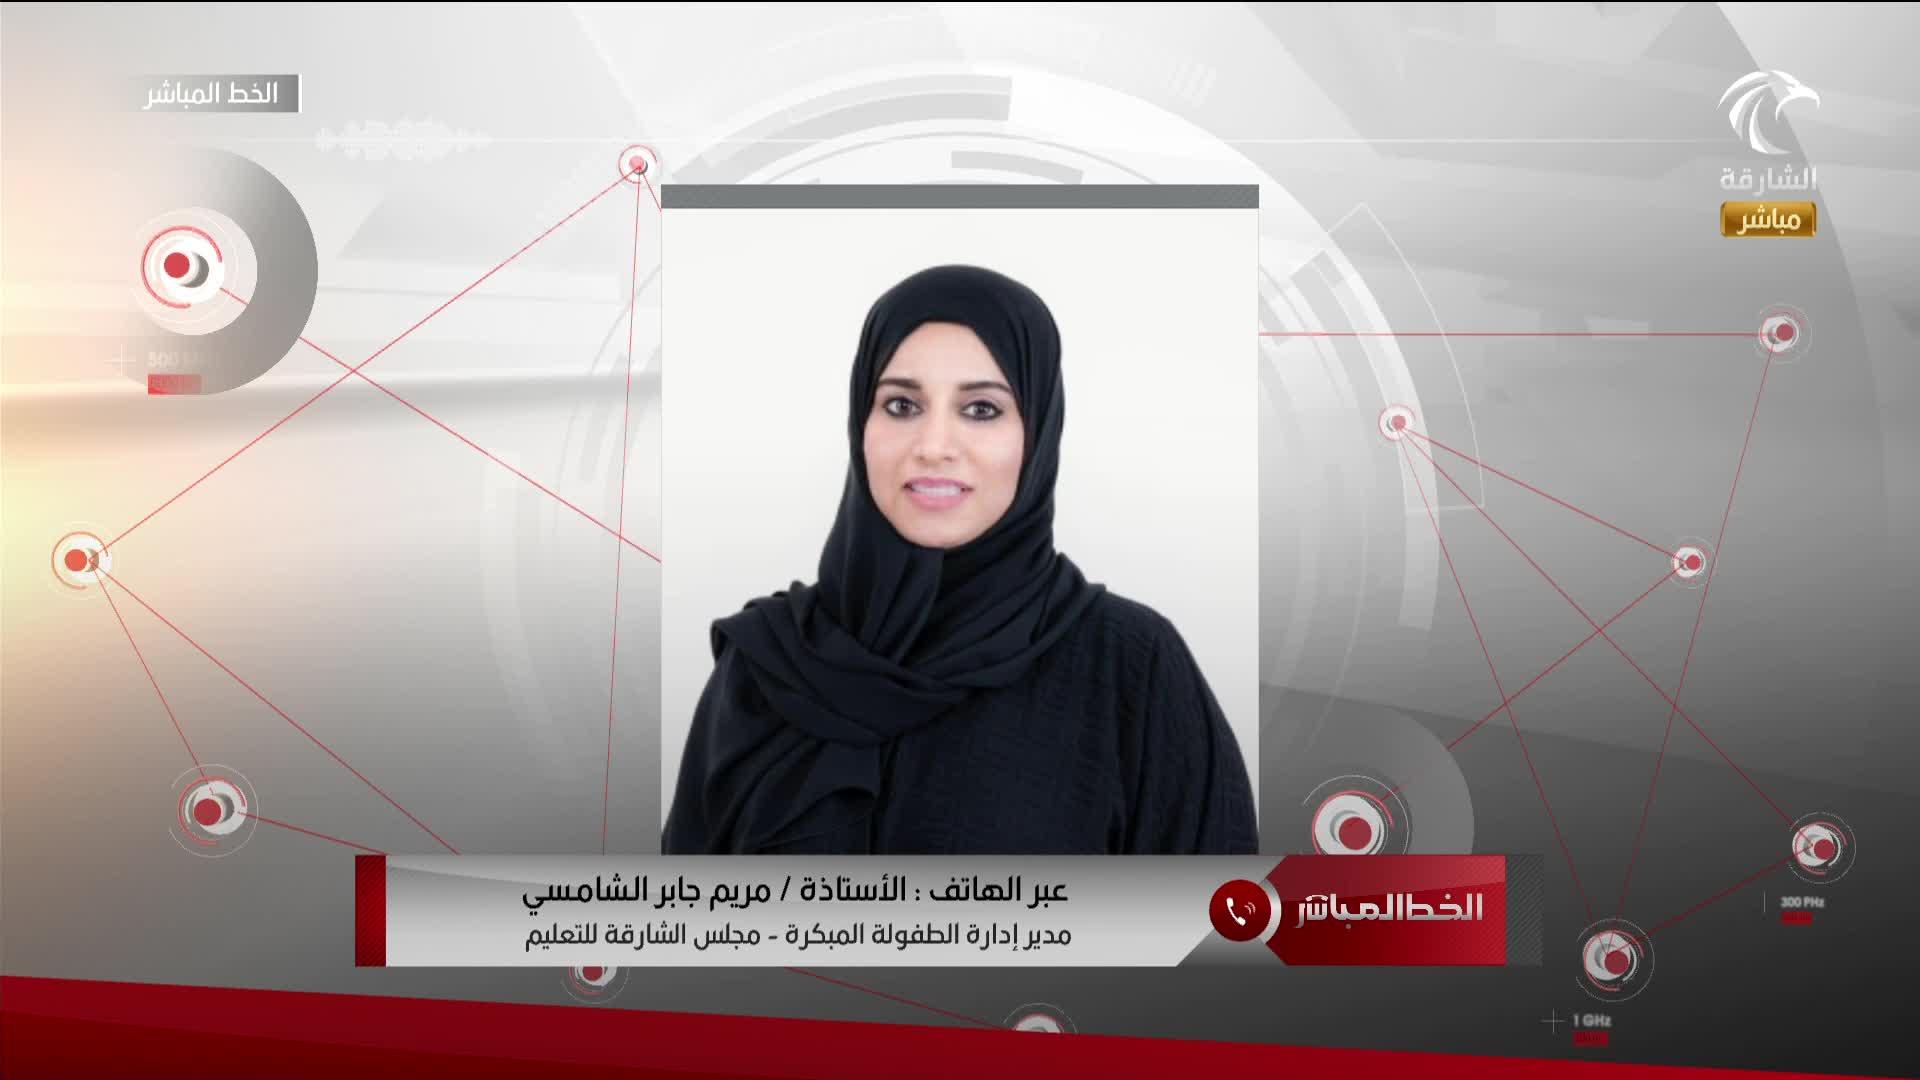 مداخلة مريم جابر الشامسي - مدير إدارة الطفولة المبكرة بالشارقة  12.09.2021